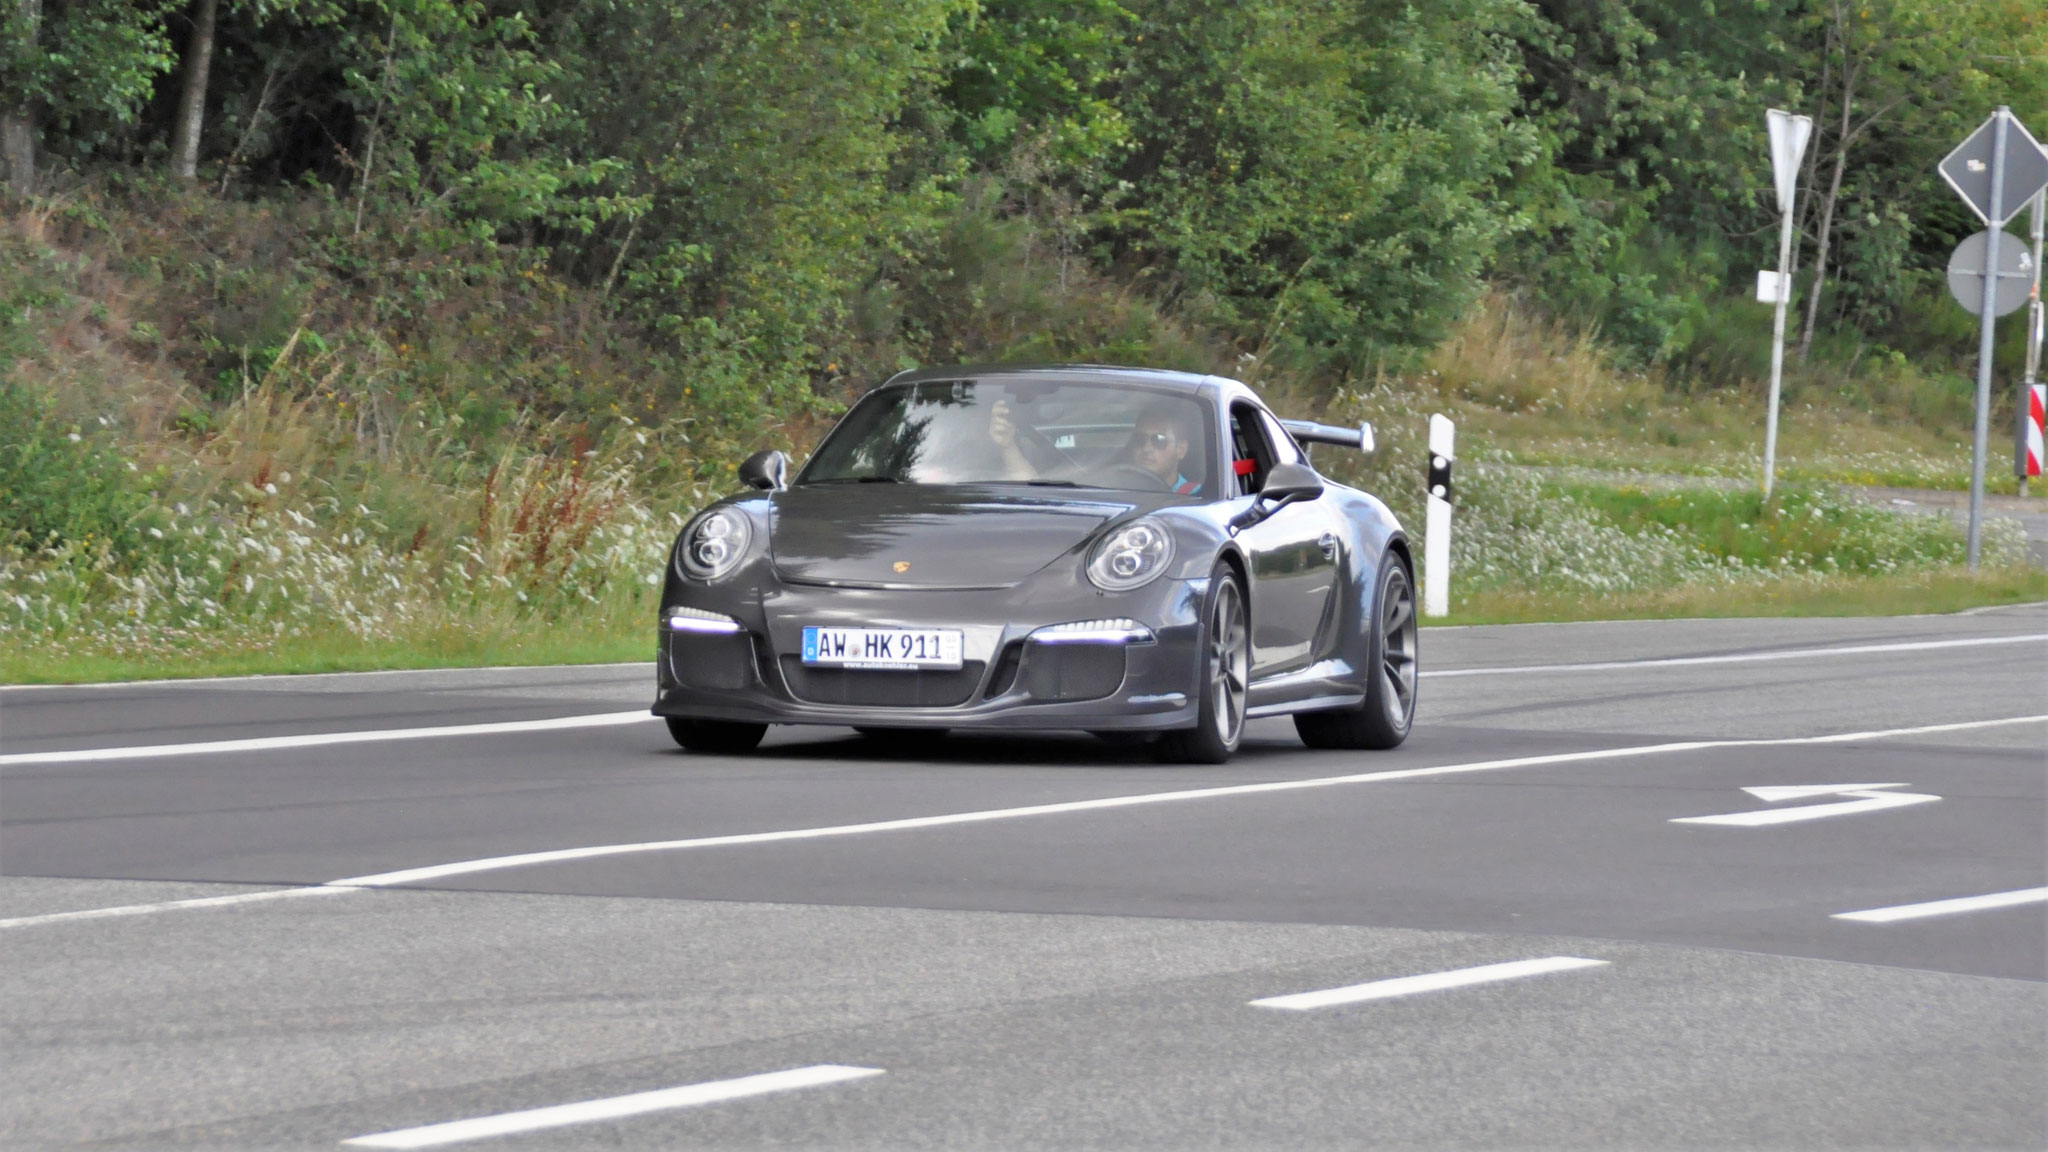 Porsche 991 GT3 - AW-HK-911